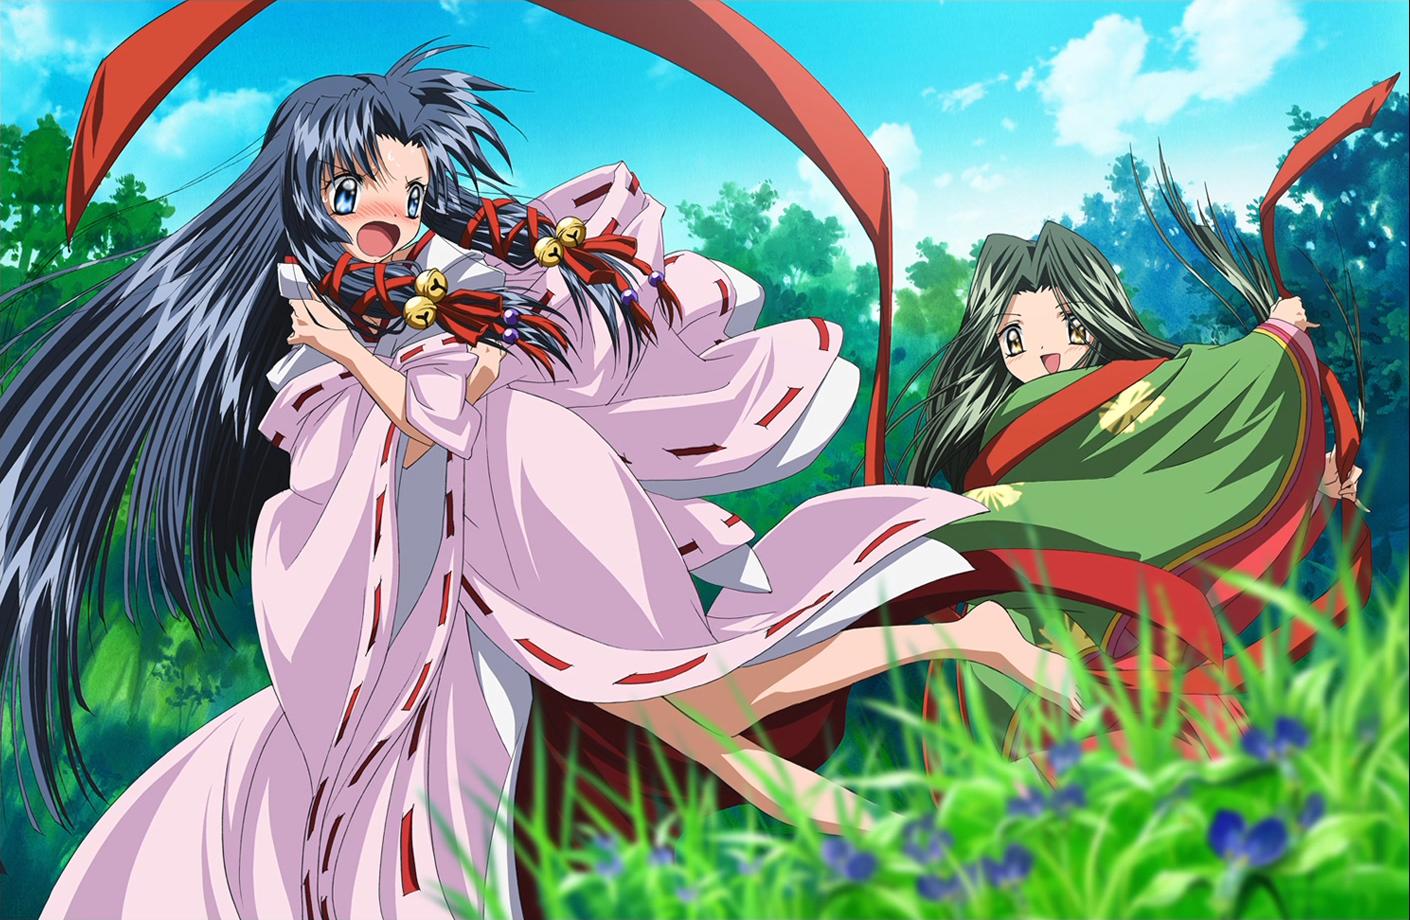 Kannabi no Mikoto - AIR - Image #257353 - Zerochan Anime